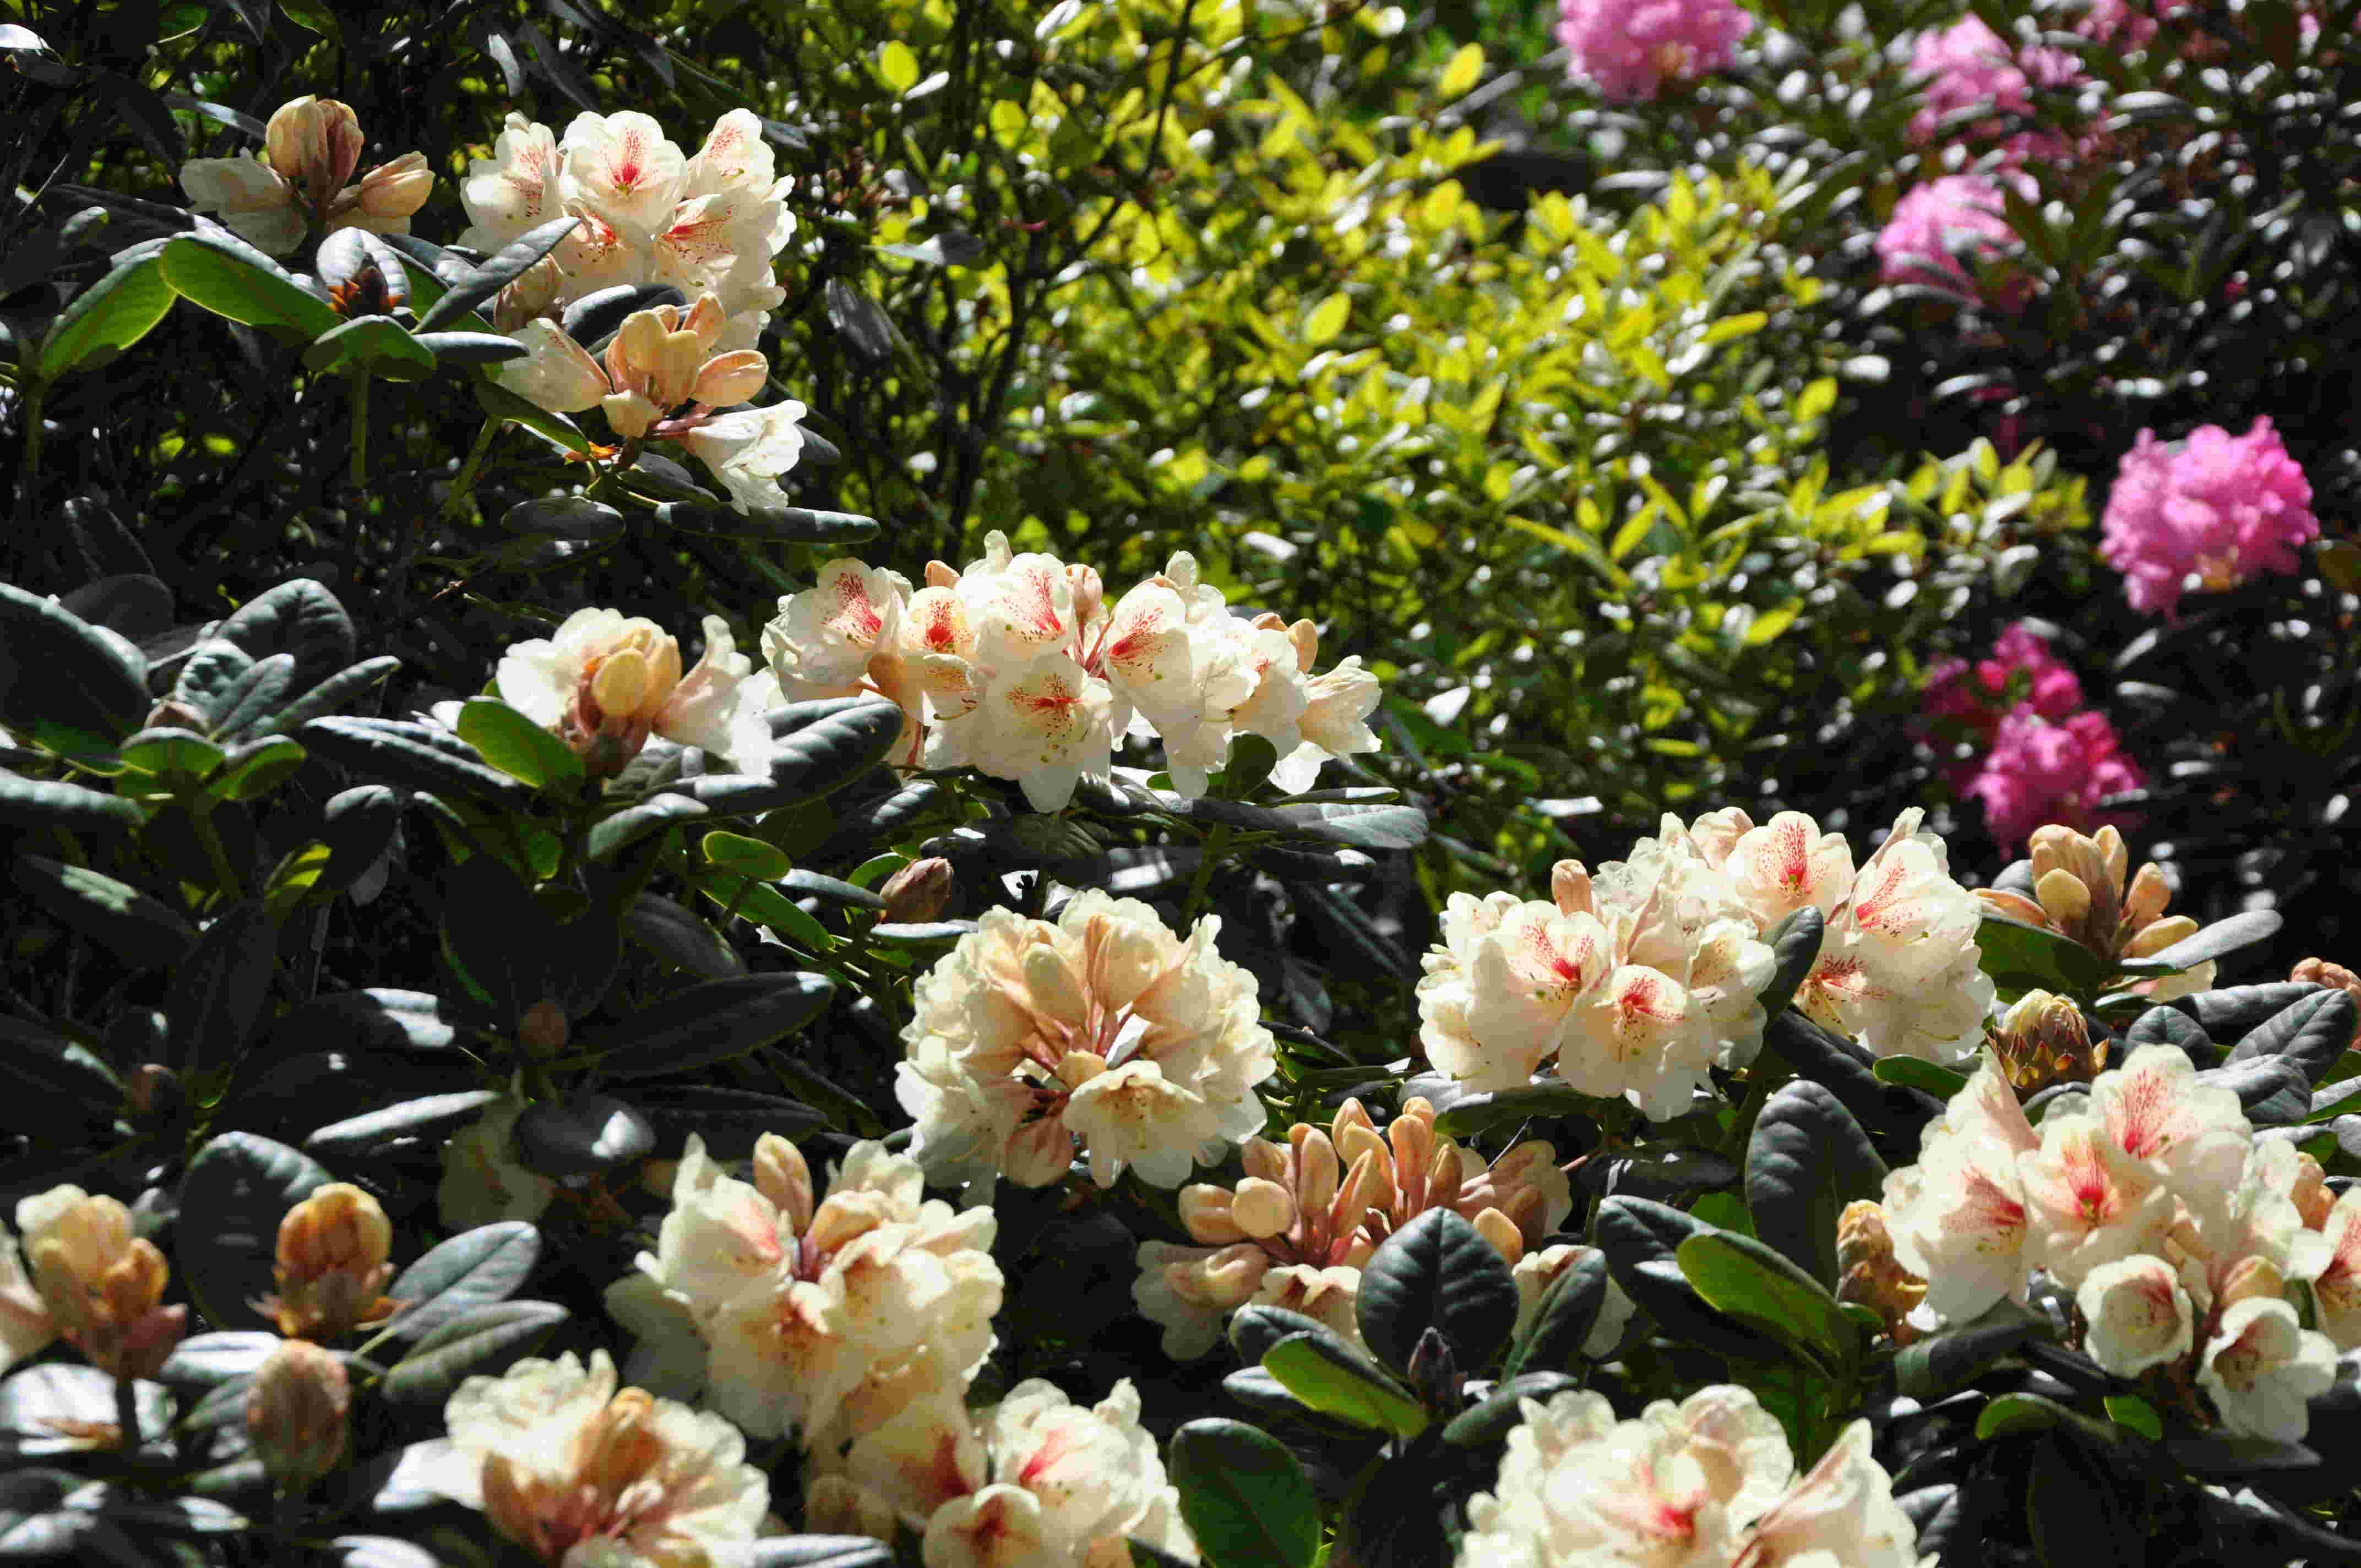 Rhododendron finns i nästan vilka färger som helst.